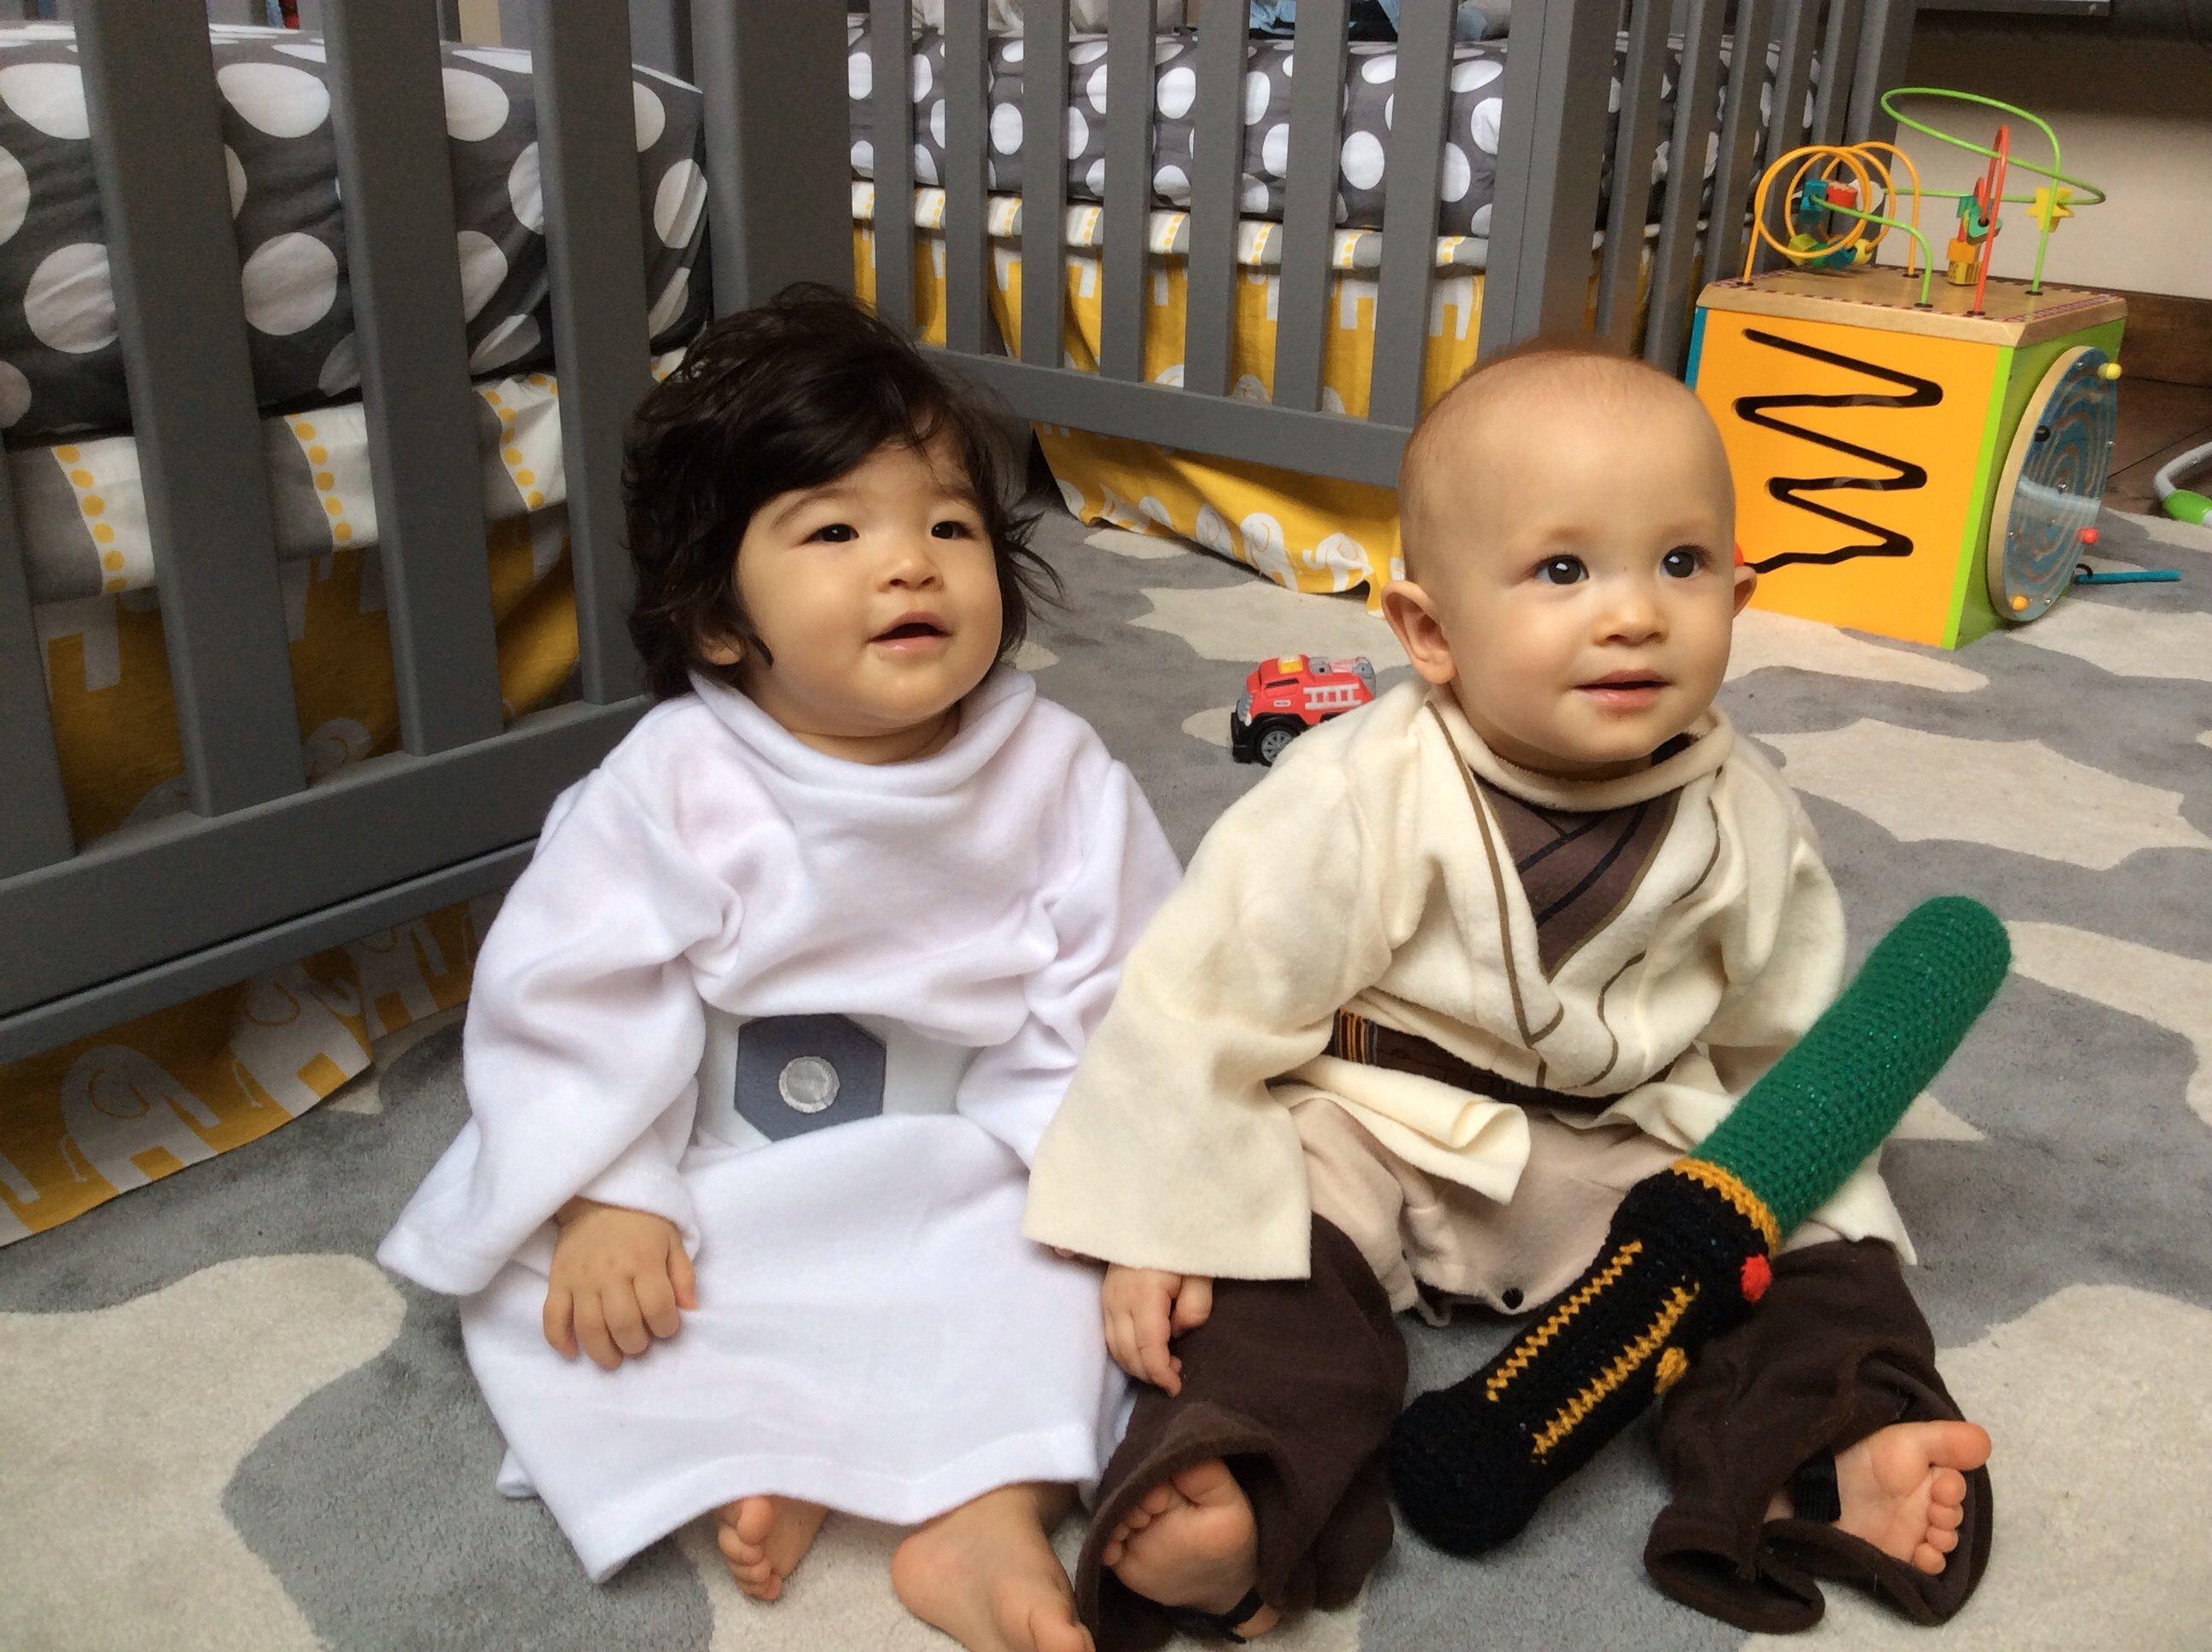 For fun Halloween twin costumes — The Bump